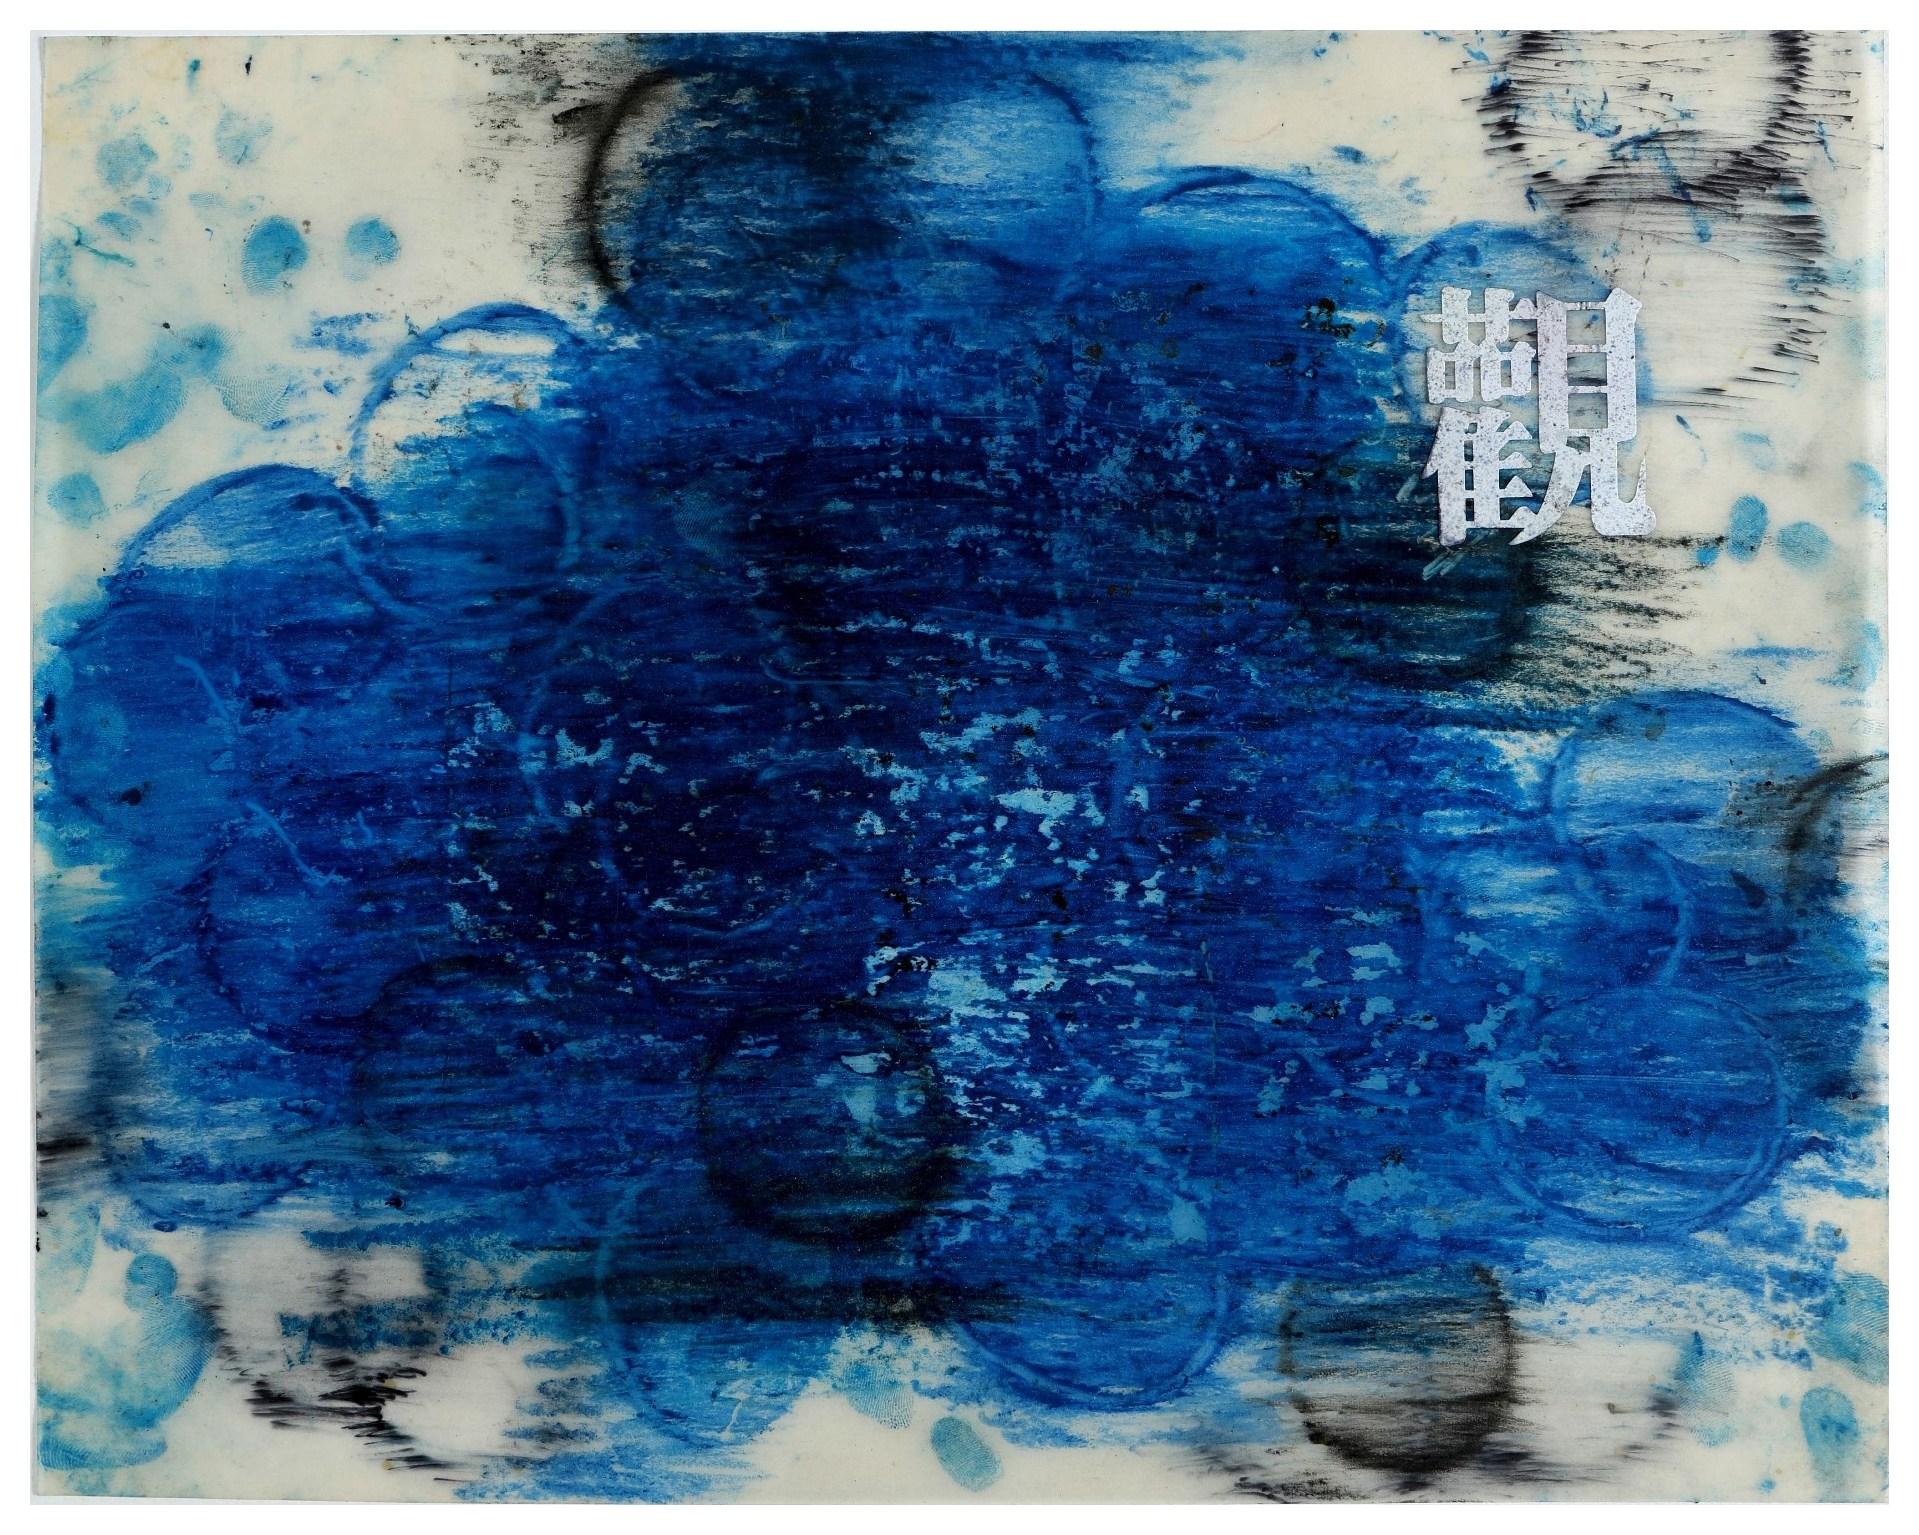 淨化之夜 Transfigured Night 2002 油彩、畫紙 28cm x 35cm